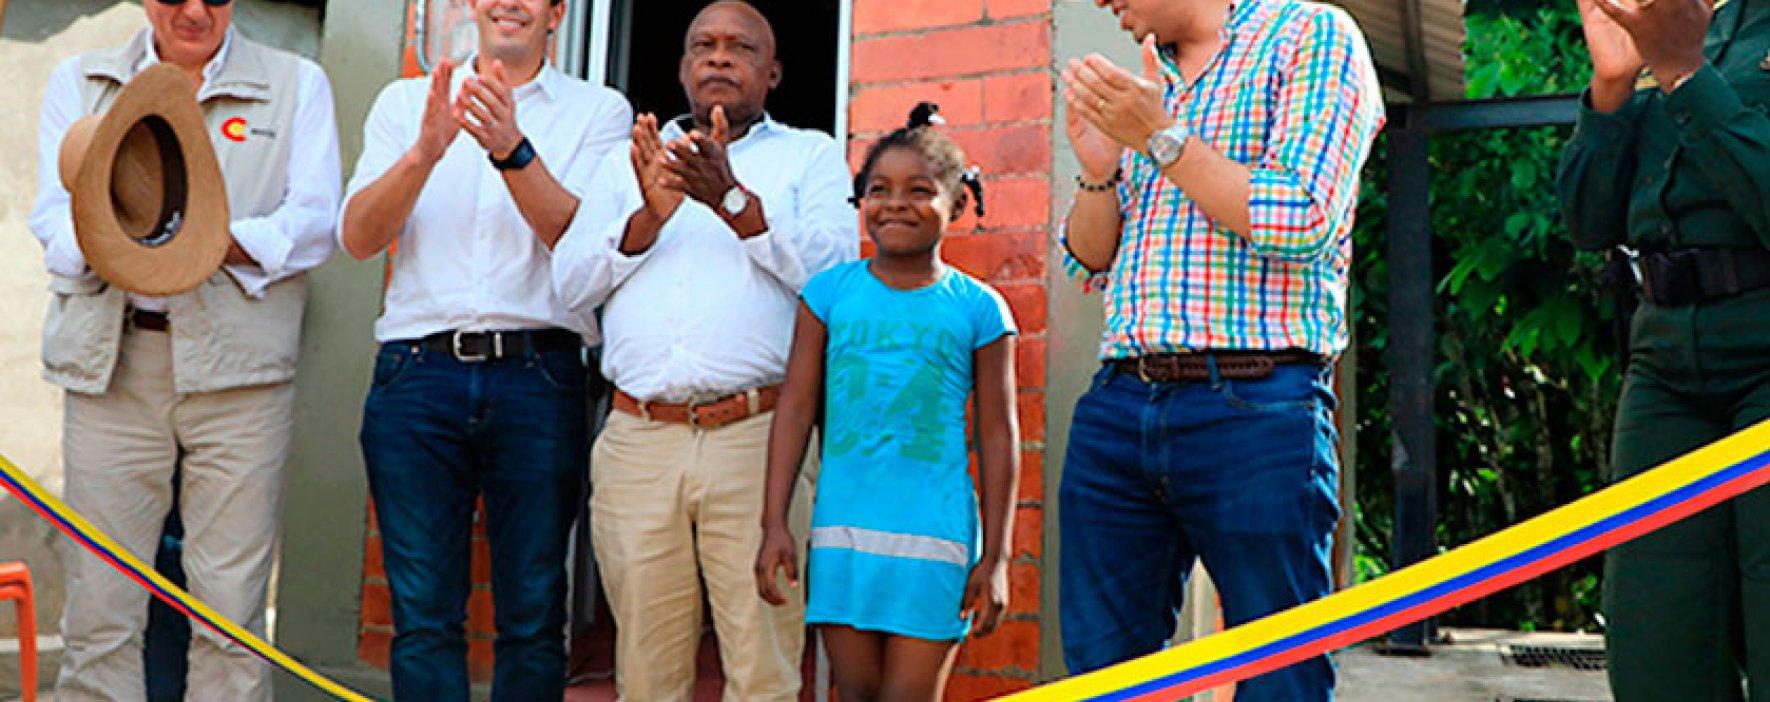 Minvivienda inauguró alcantarillado en El Atrato, Chocó